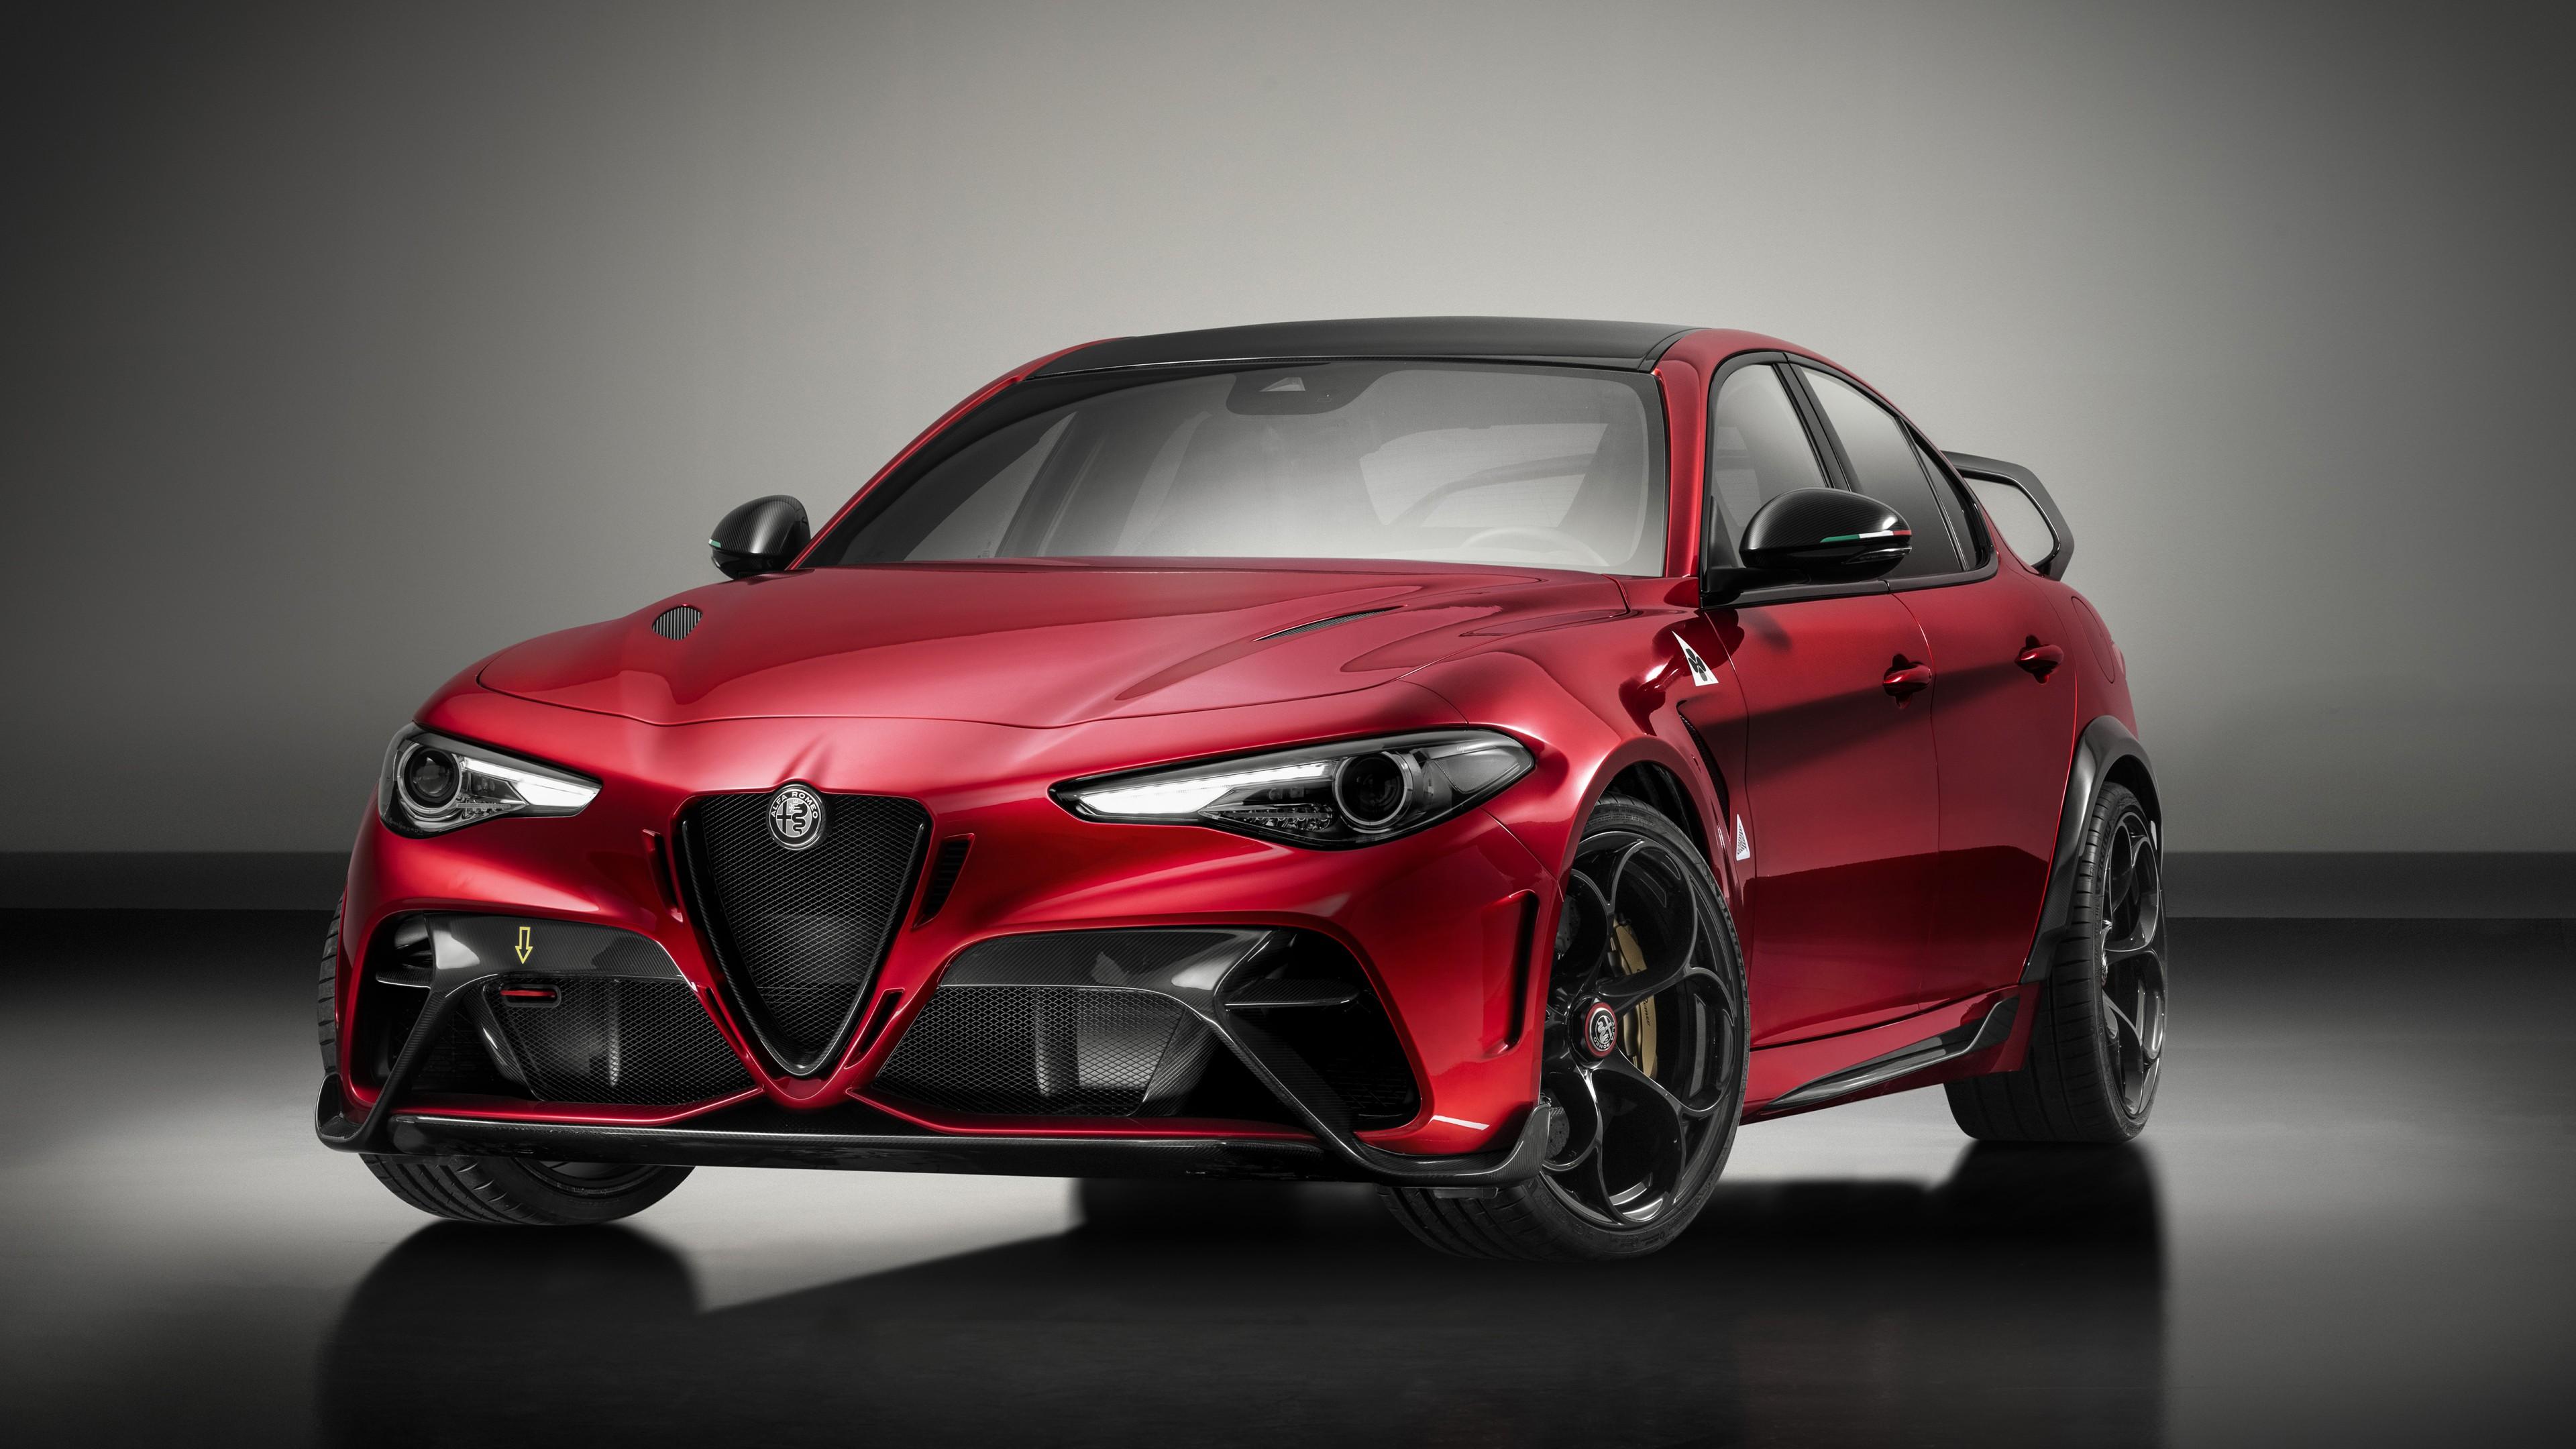 Alfa Romeo Giulia GTAm 2020 5K 2 Wallpaper | HD Car ...